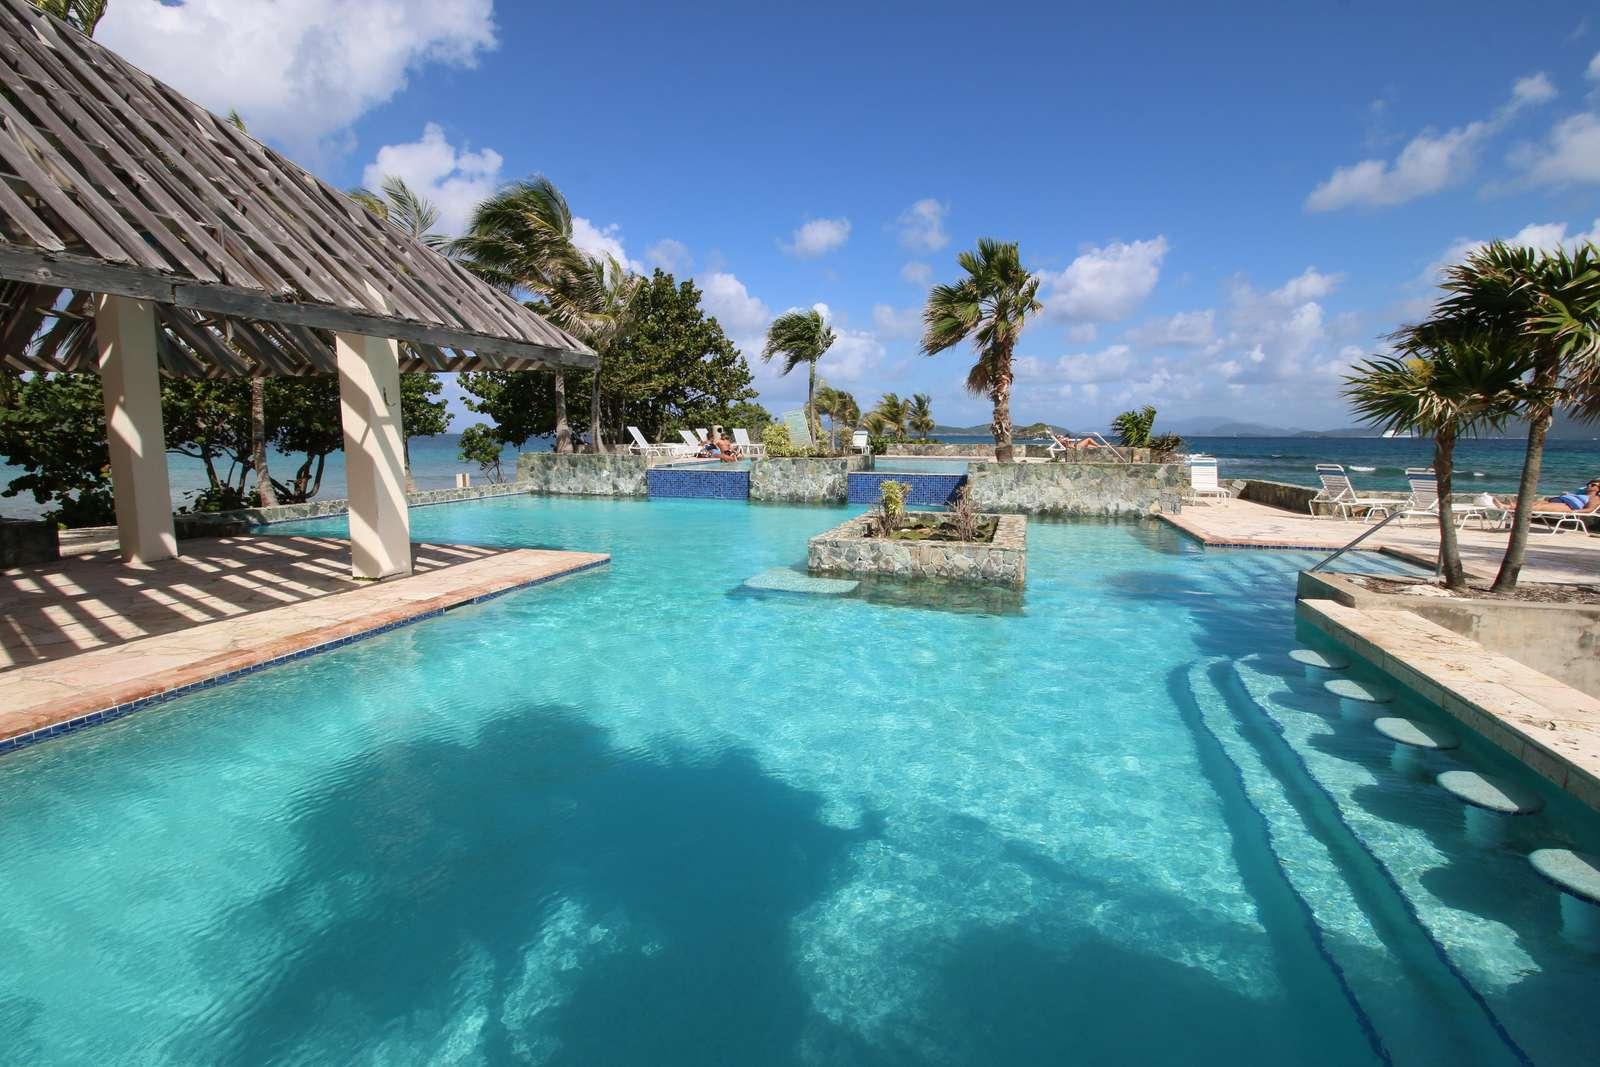 Refreshing Pool on the Ocean